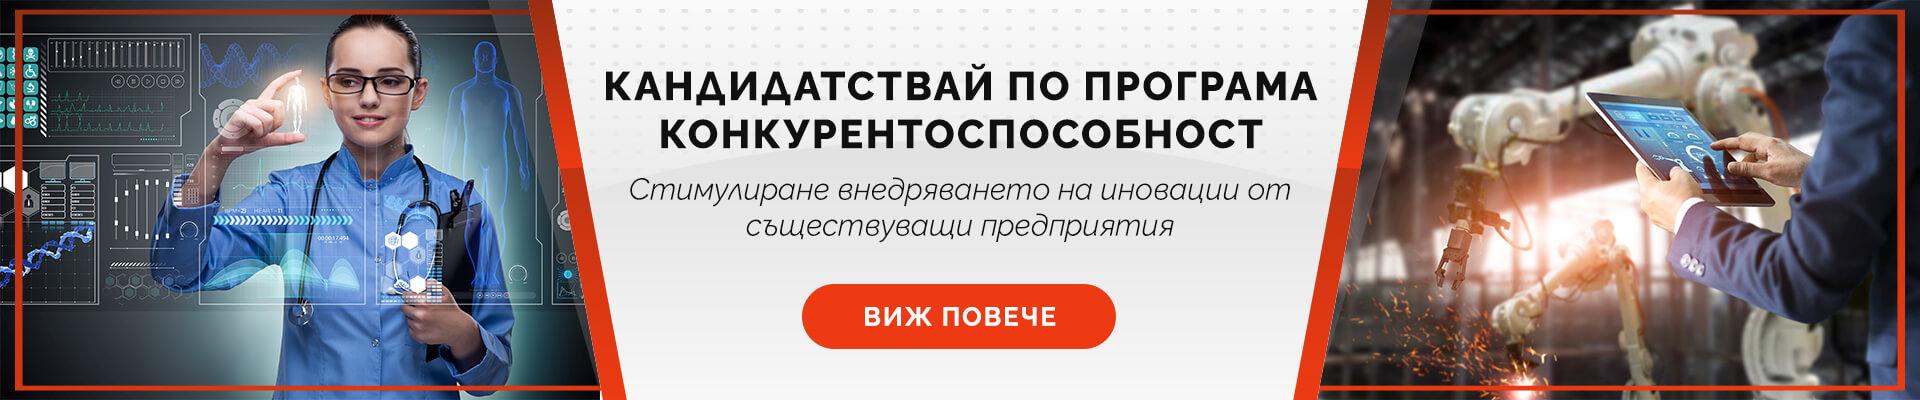 банер за Стимулиране внедряването на иновации от съществуващи предприятия